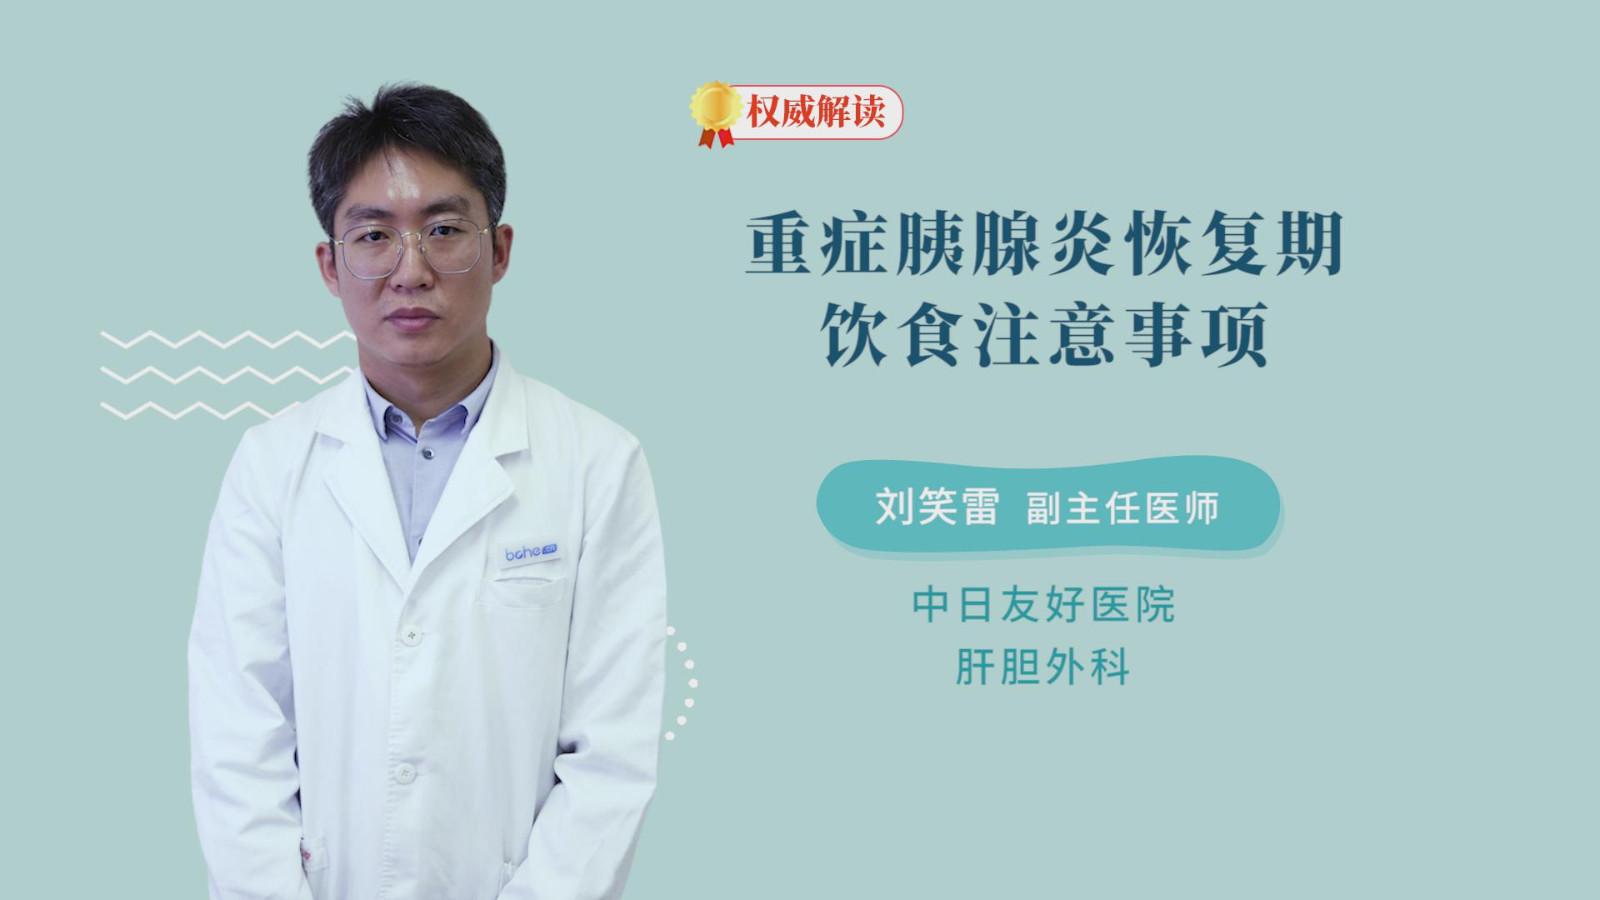 重症胰腺炎恢复期饮食注意事项